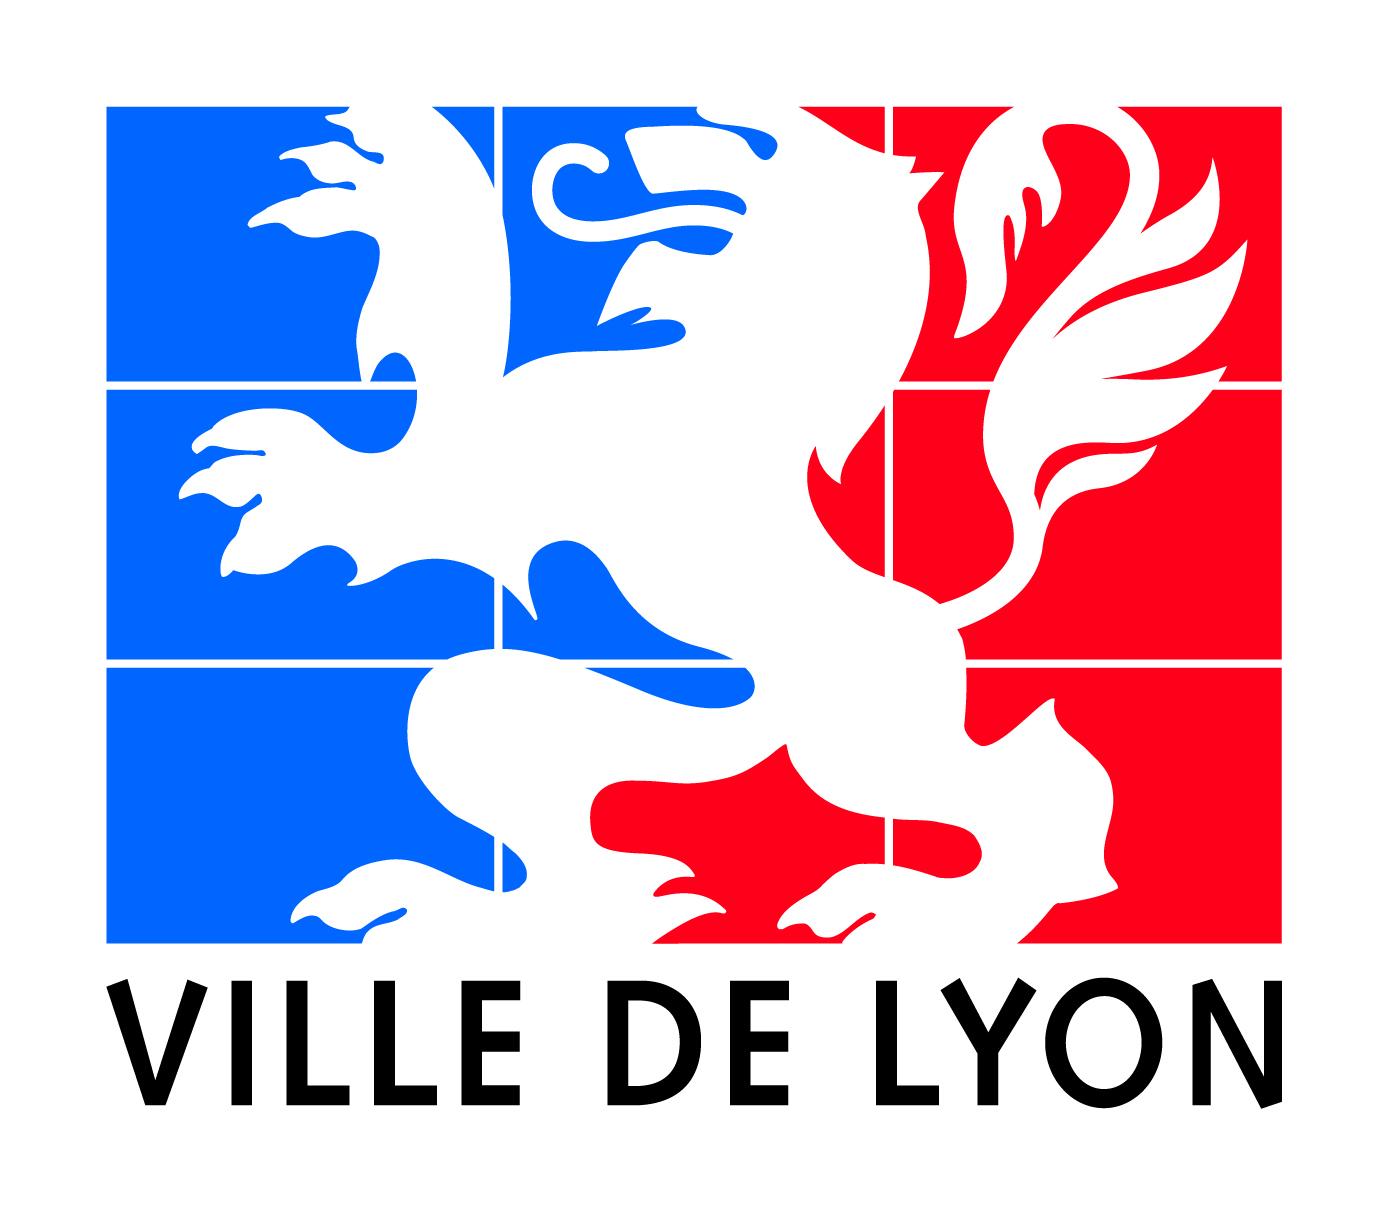 Ville-de-Lyon